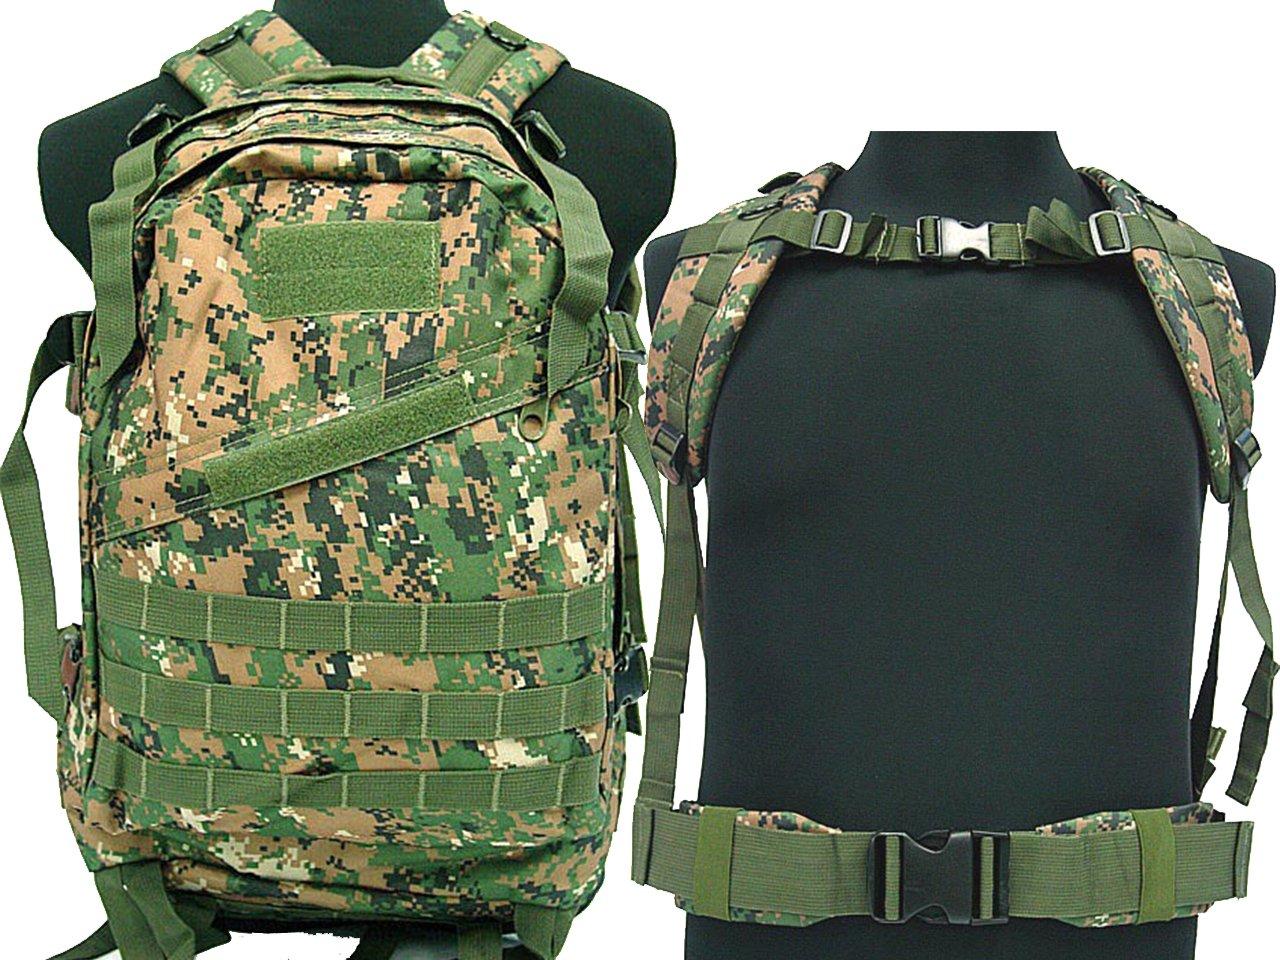 Desconocido Tactical - Mochila Militar de Acampada, Senderismo, Escalada, Airsoft, molle, DWC: Amazon.es: Deportes y aire libre